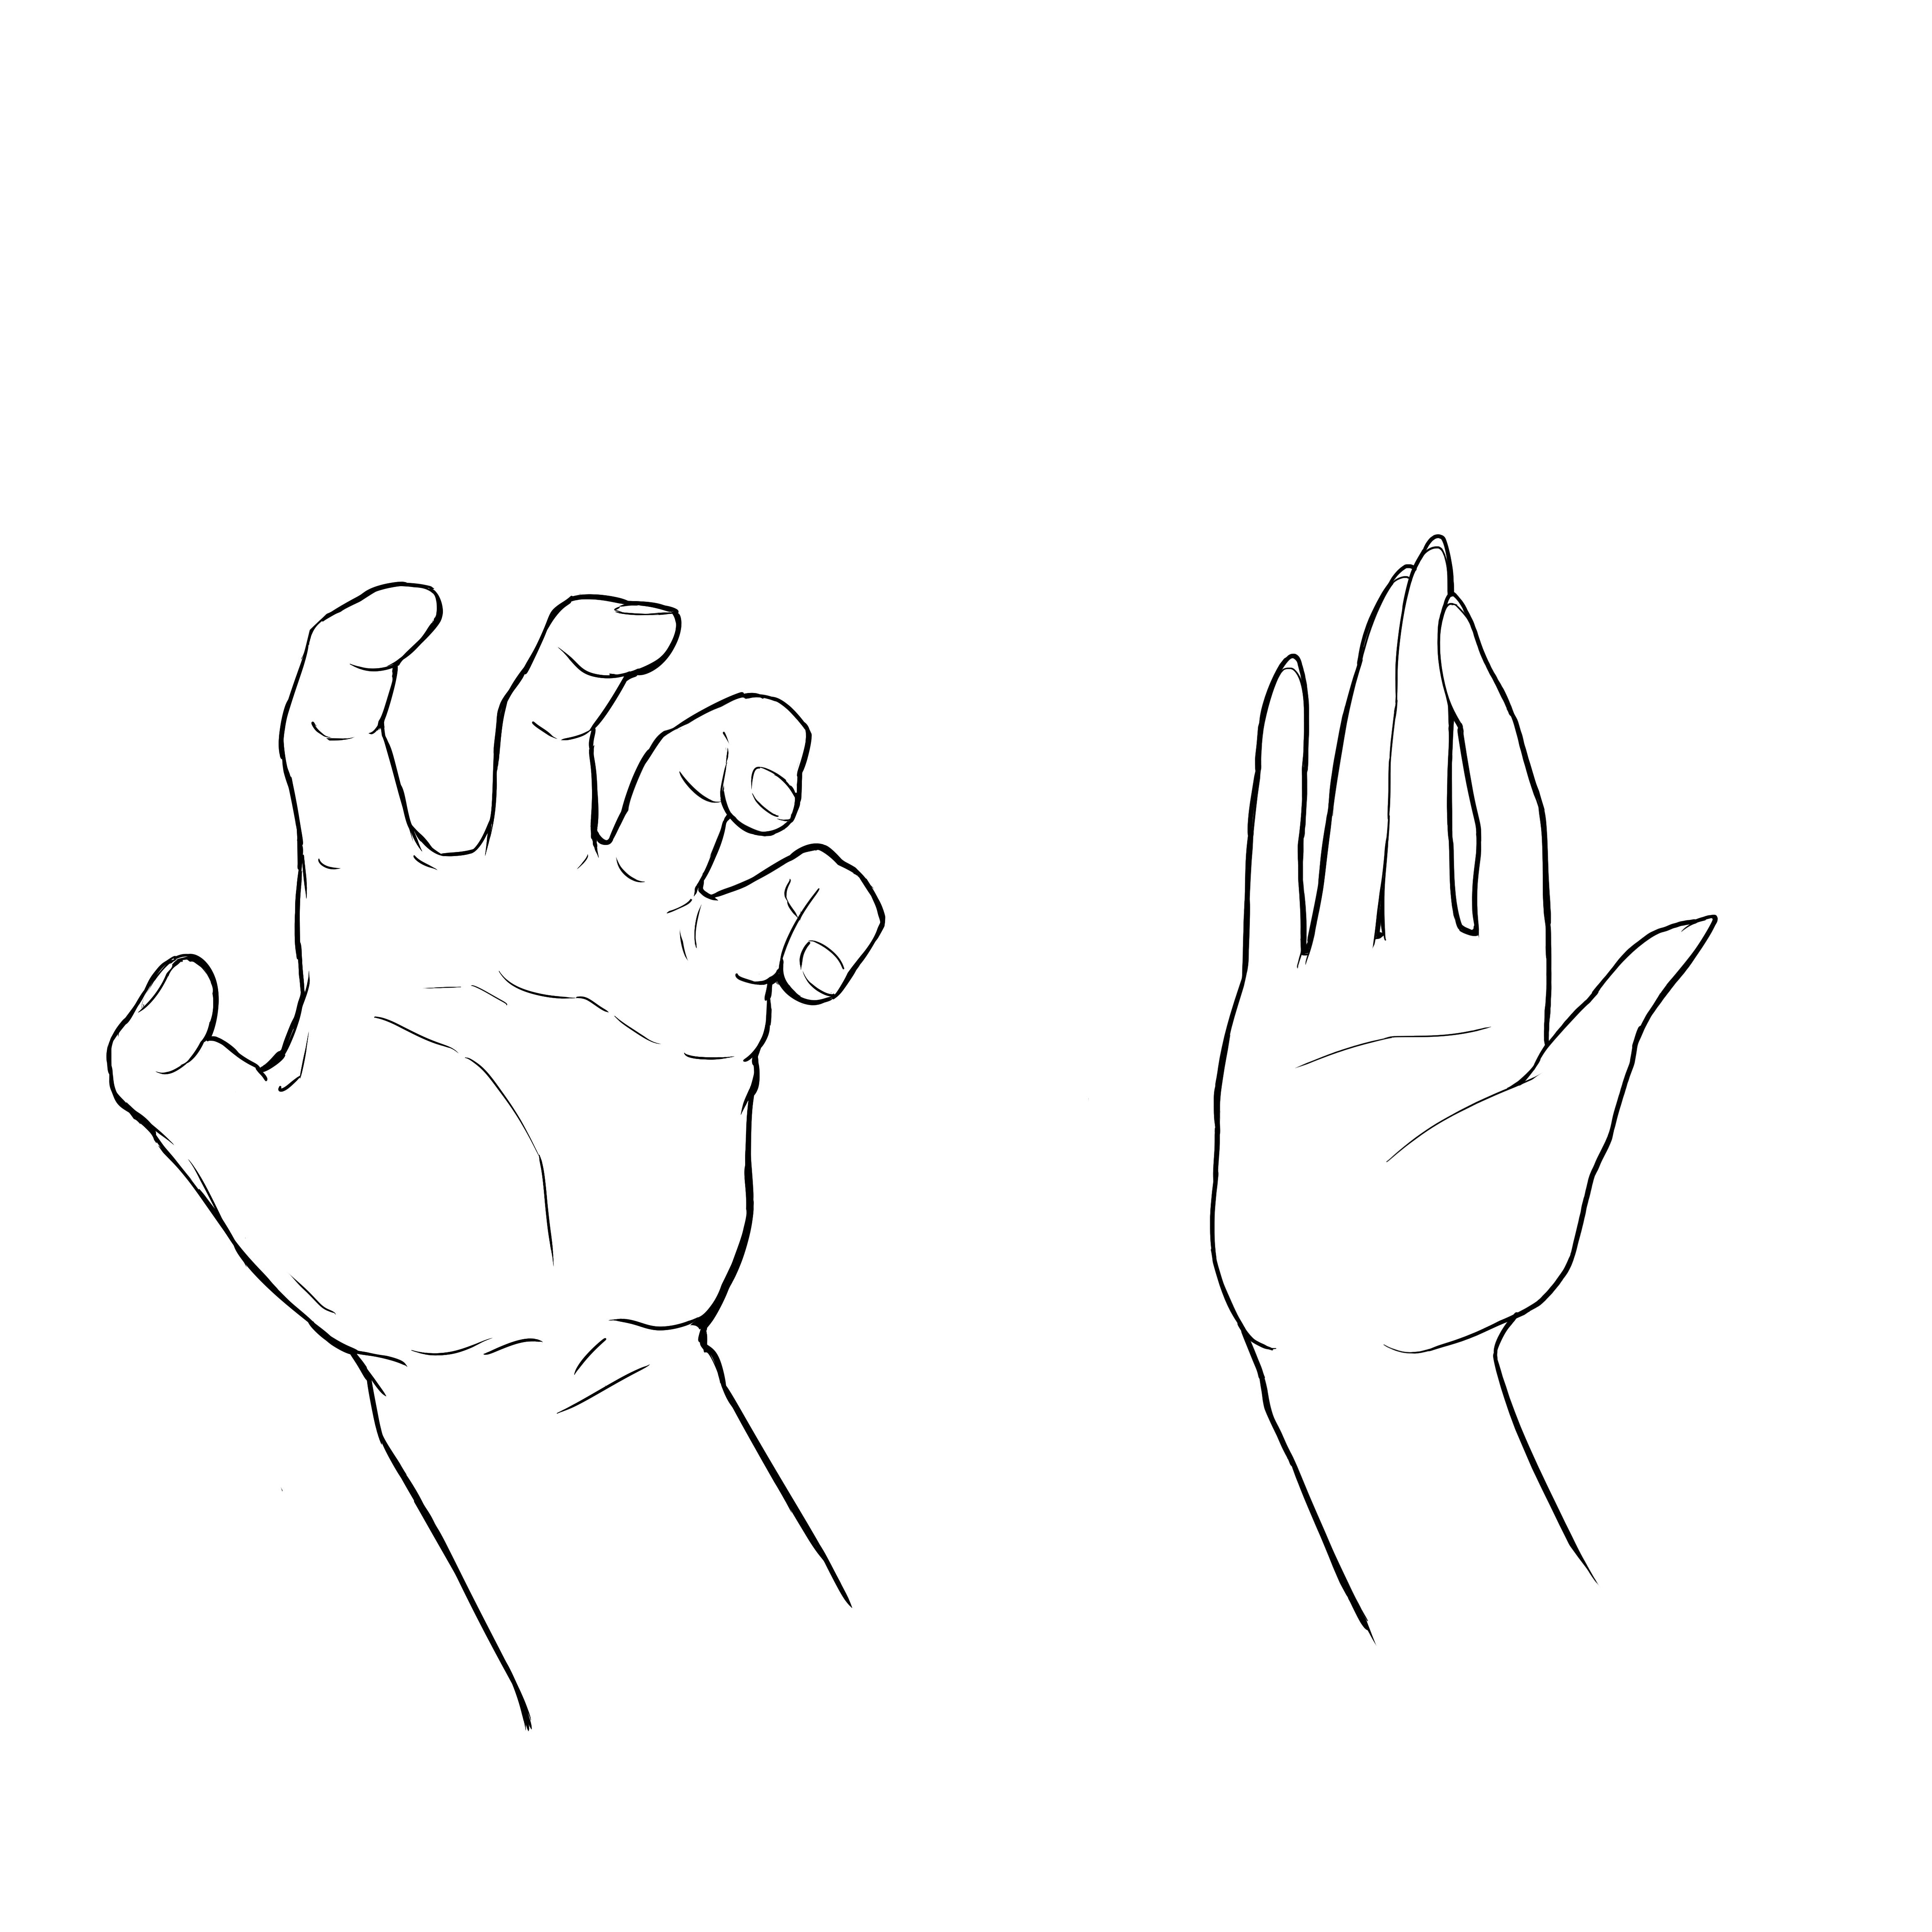 指先にこそ「感情」と「性格」が宿る! 手の描き方講座 | いちあっぷ